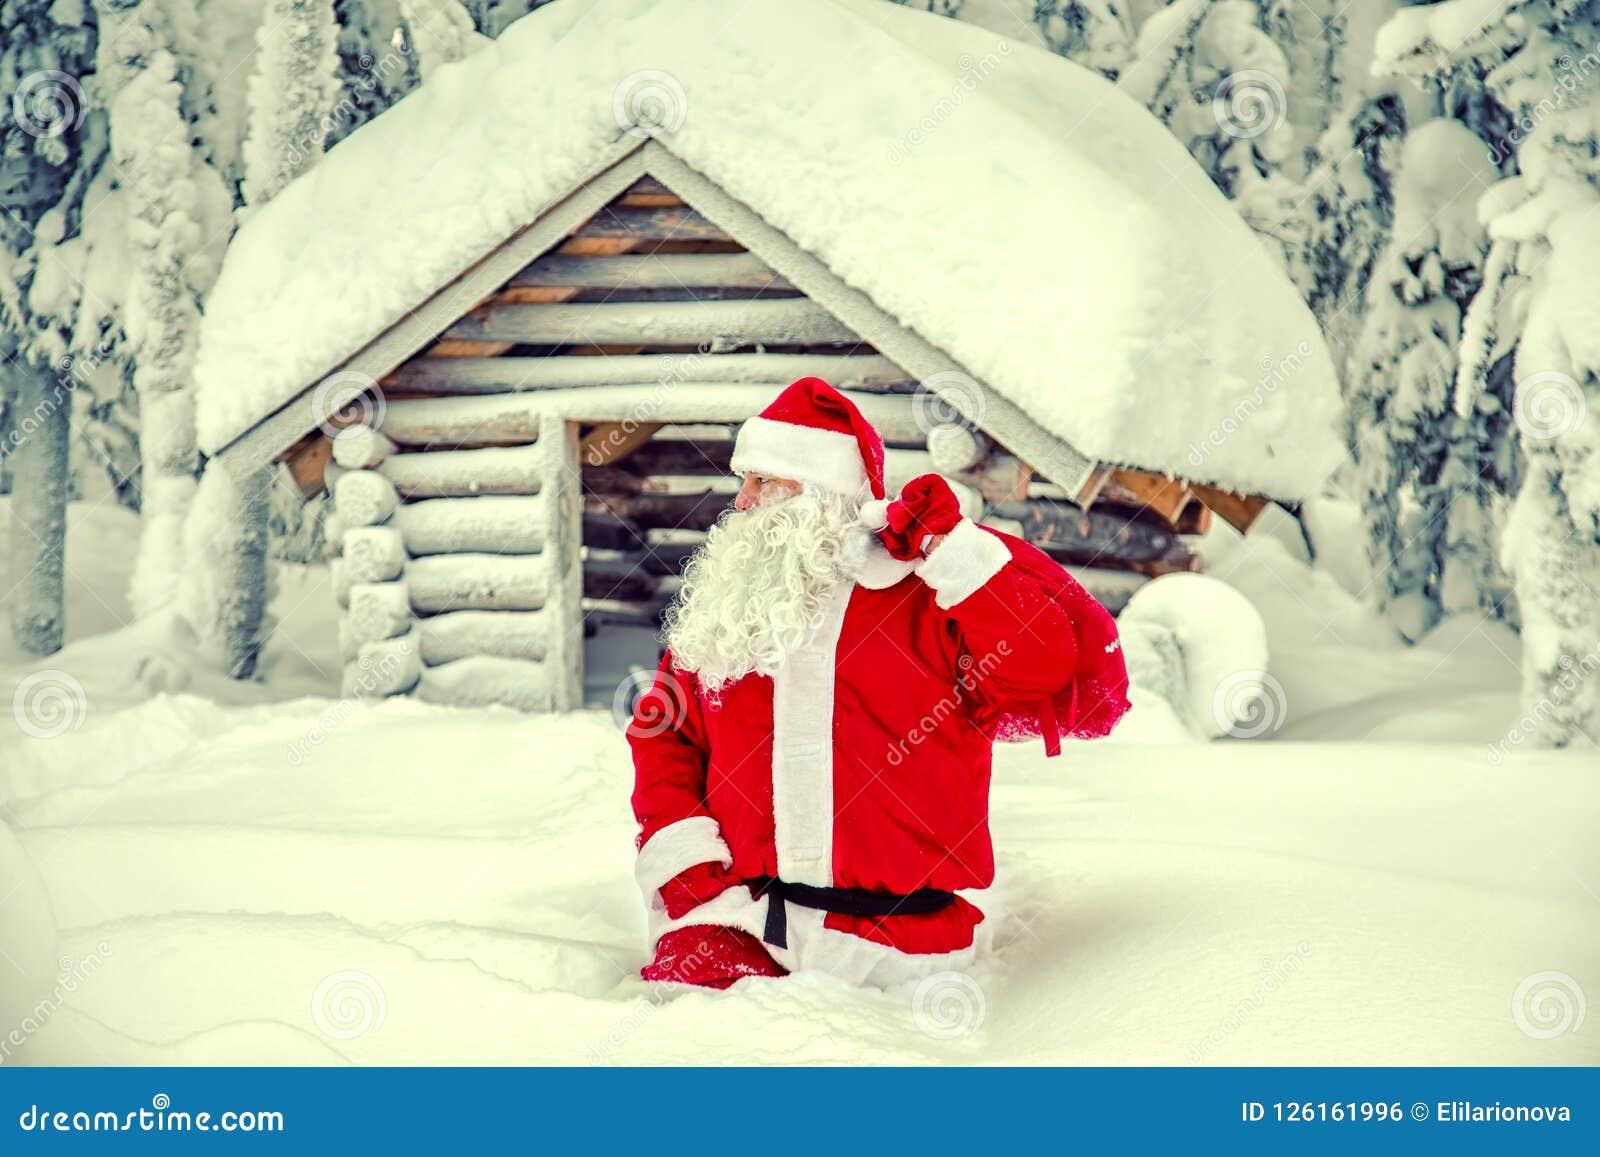 Santa Claus autentica in Lapponia